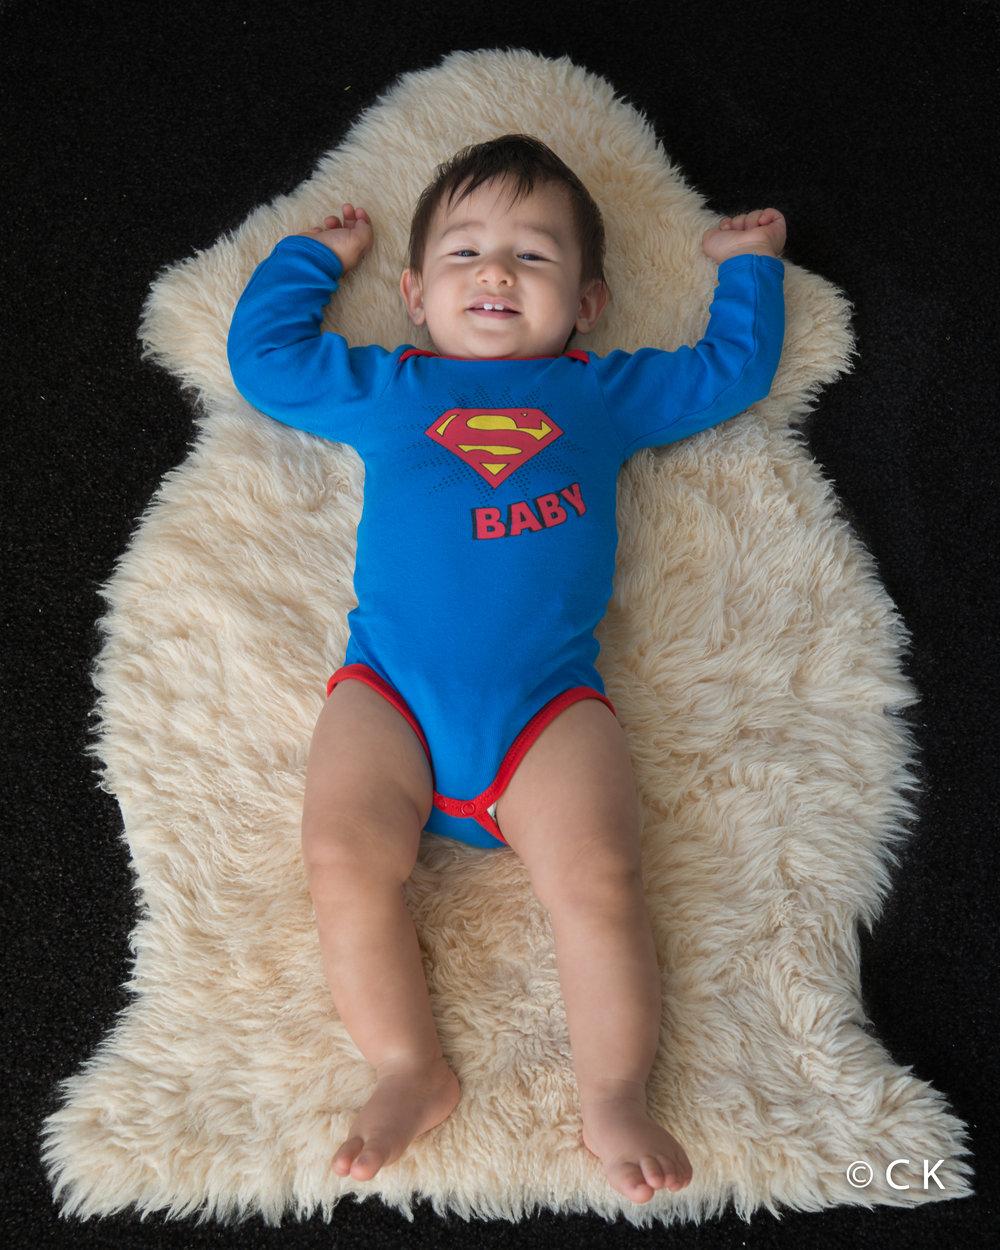 9 mois - je porte un des bodies que tata Christine a envoyé